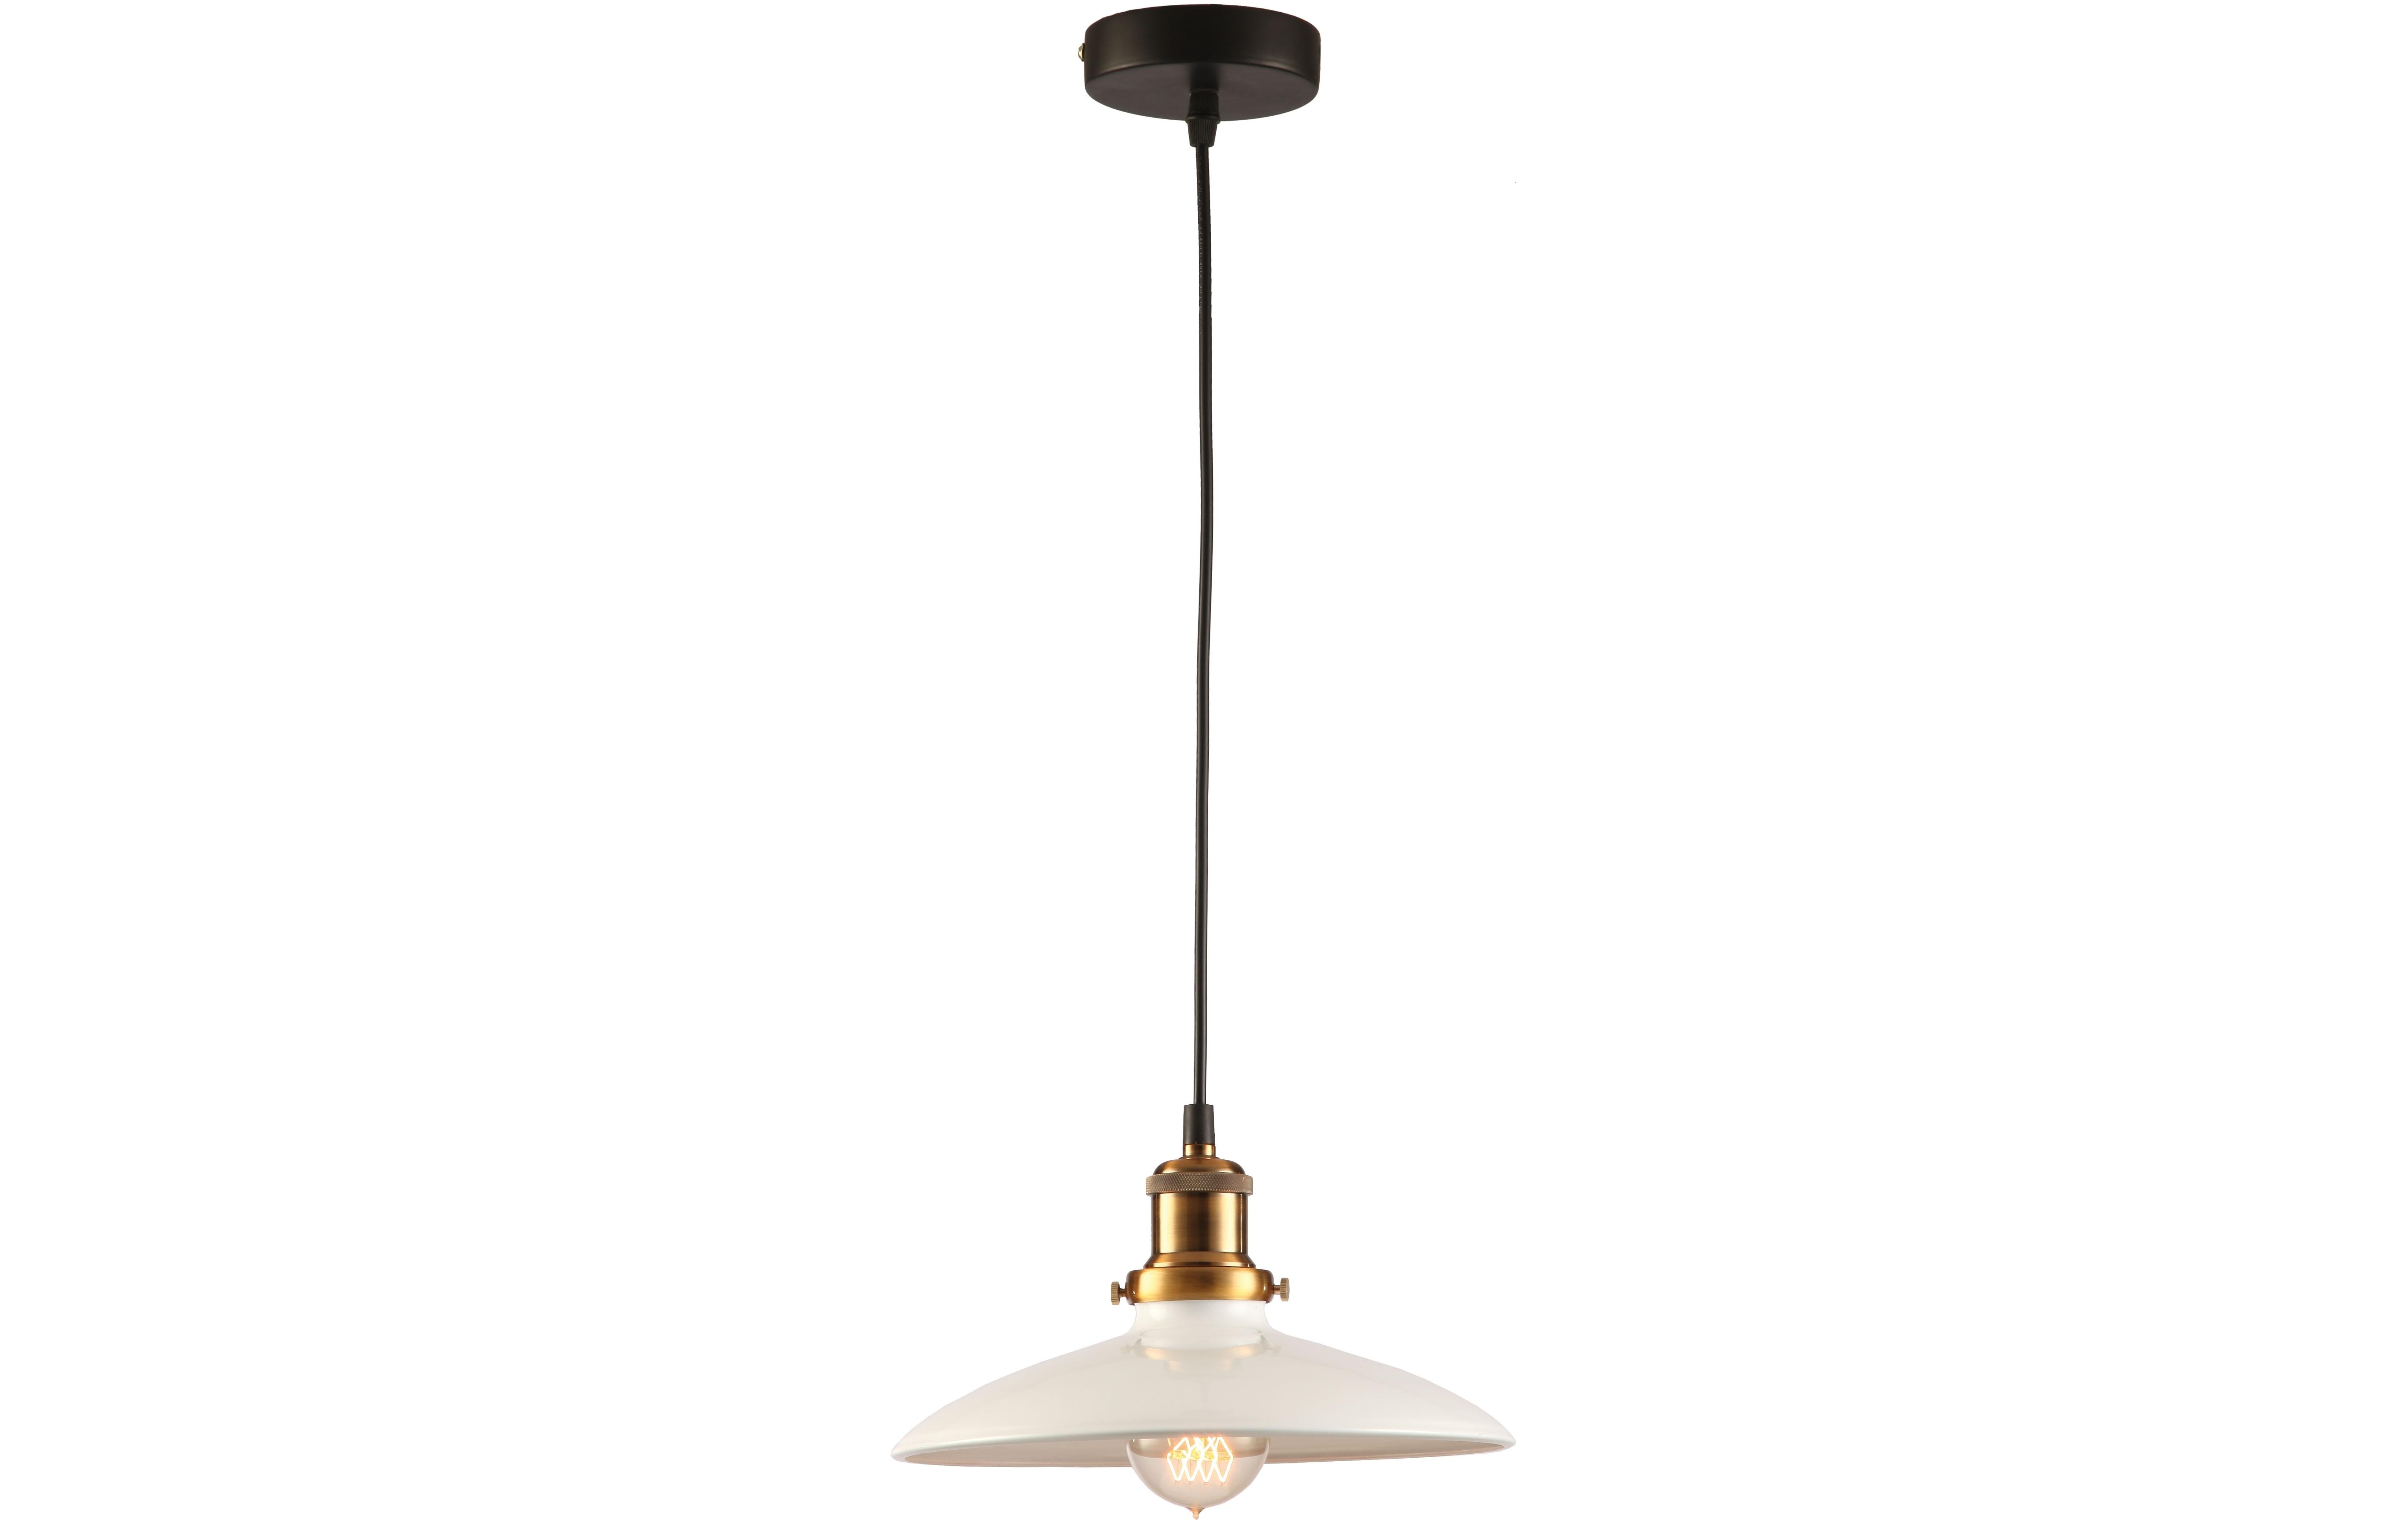 Подвесной светильникПодвесные светильники<br>Материал: металл<br>Лампочки в комплекте: 1*60W<br>Цоколь: E27<br>Цвет: белый, золото, черный<br><br>Material: Металл<br>Height см: 120<br>Diameter см: 25